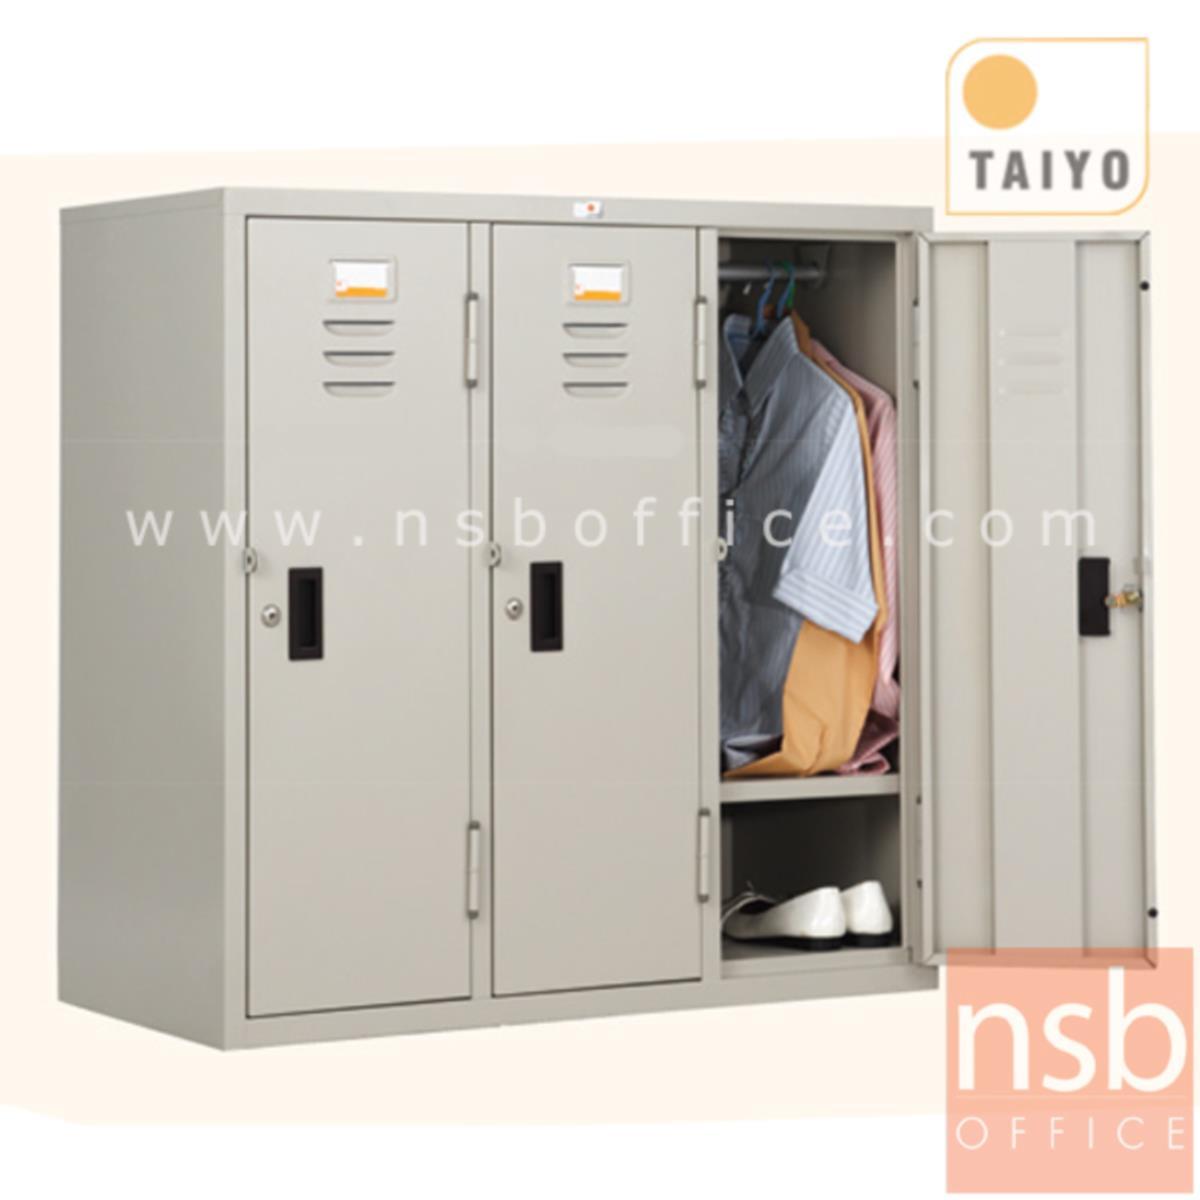 E08A010:ตู้ล็อกเกอร์เหล็กเตี้ย 3 ประตู รุ่น LKM-03  (วางชิดหน้าต่างได้)